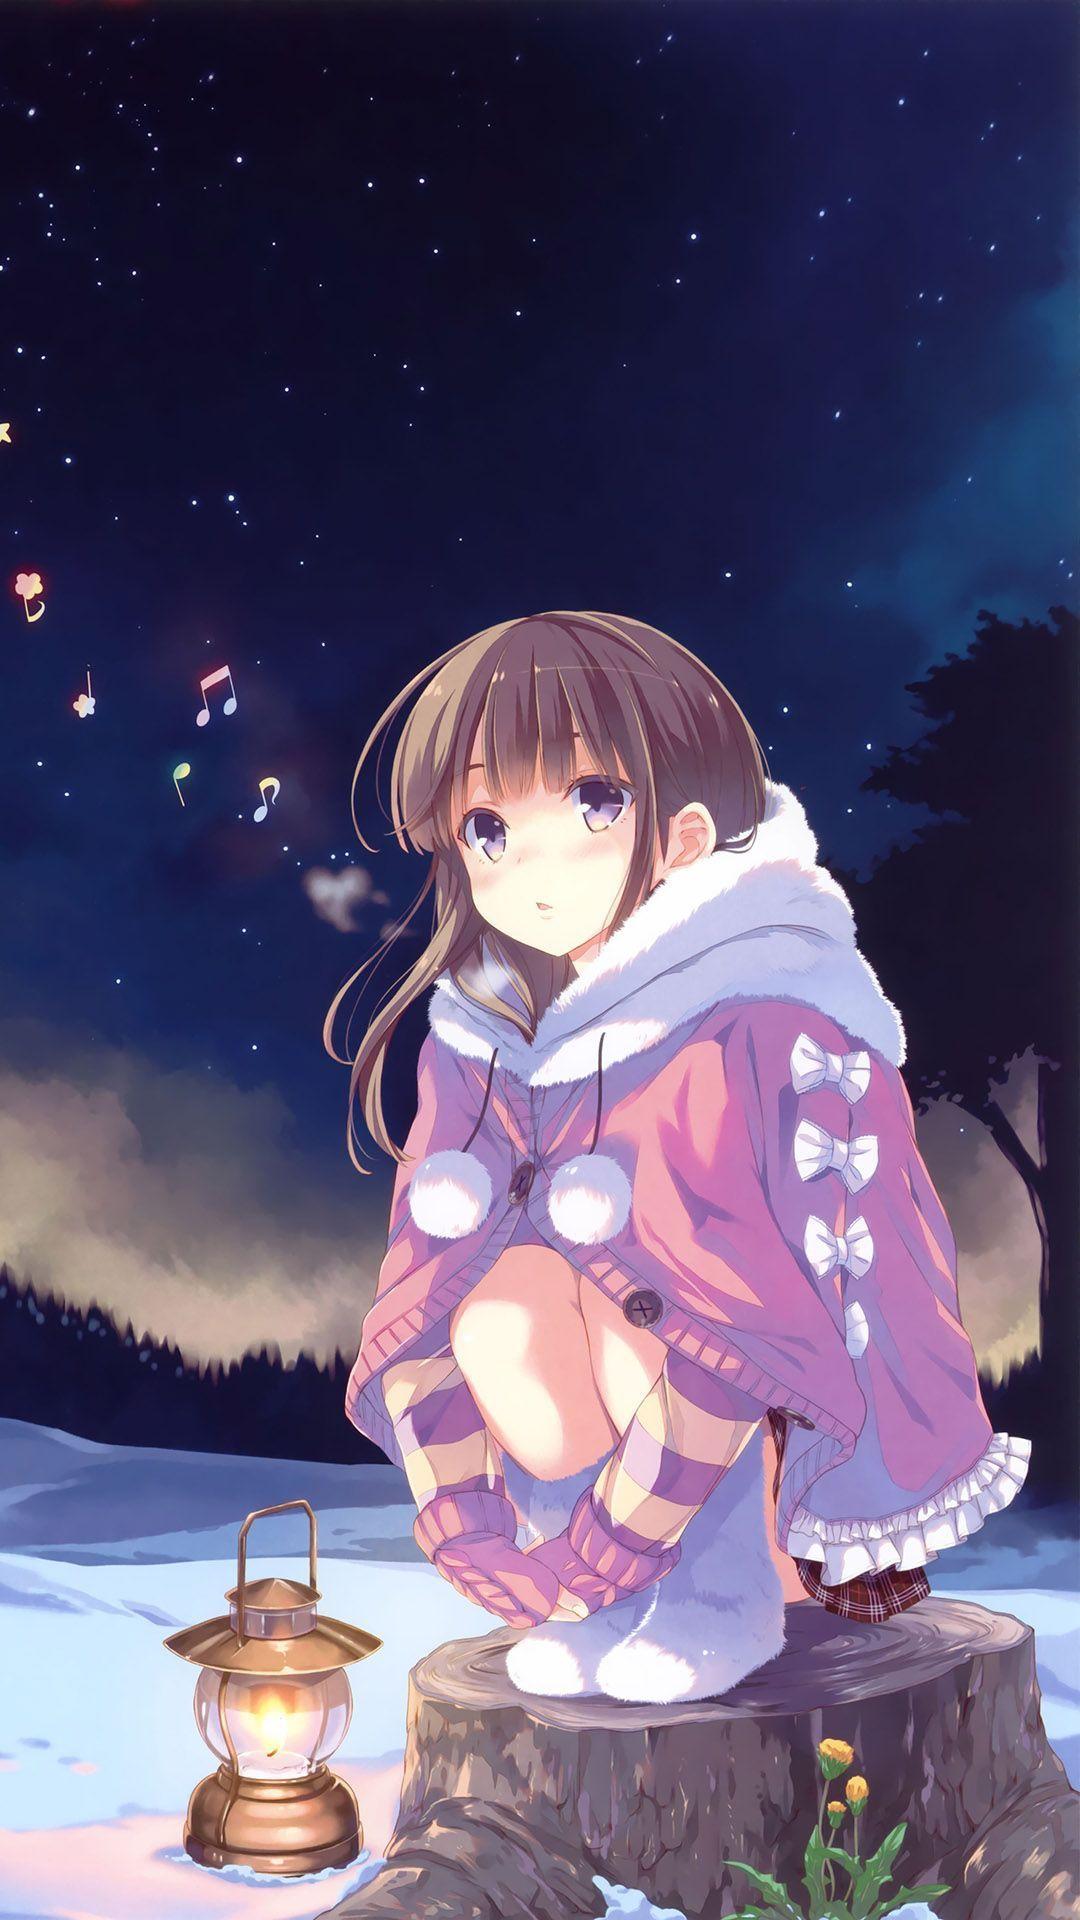 Musica Chicas anime, Dibujos anime manga, Dibujos de anime